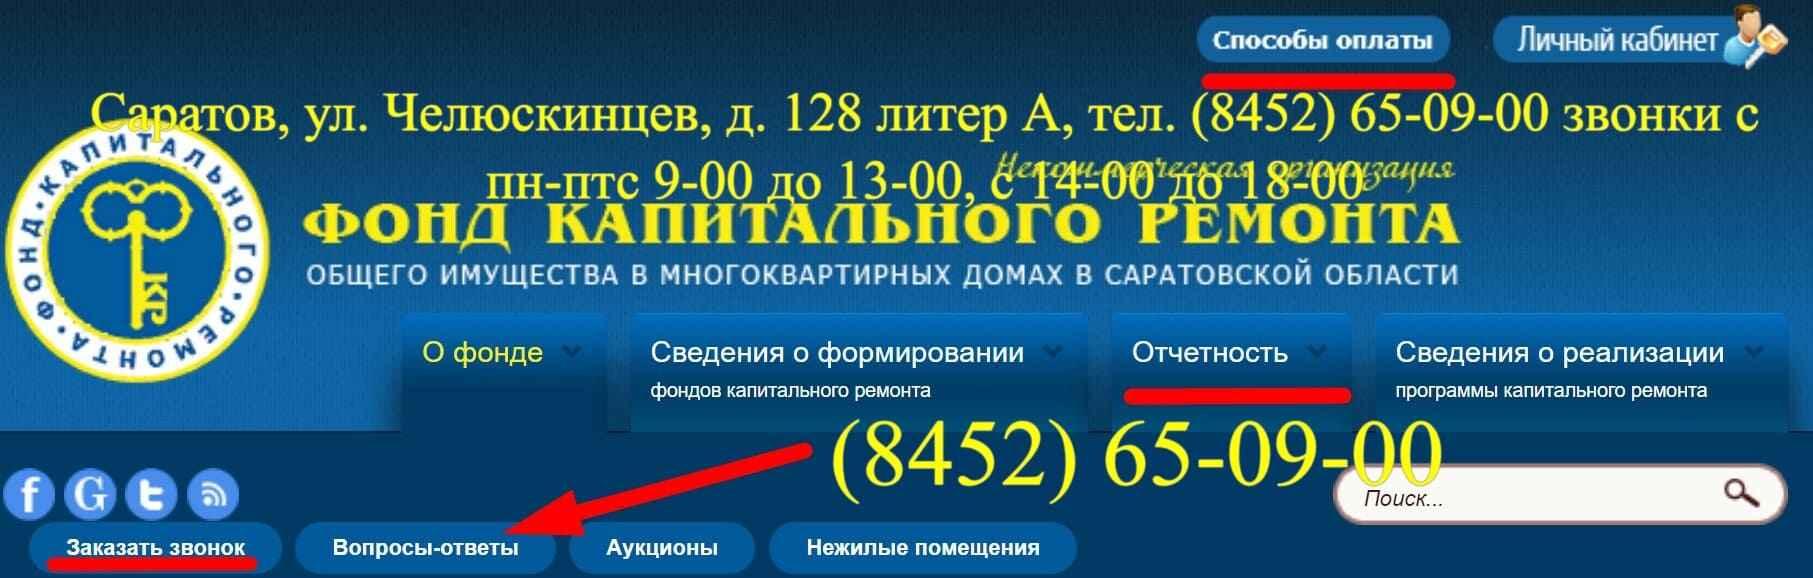 Фонд капитального ремонта Саратовской области Fkr64.ru